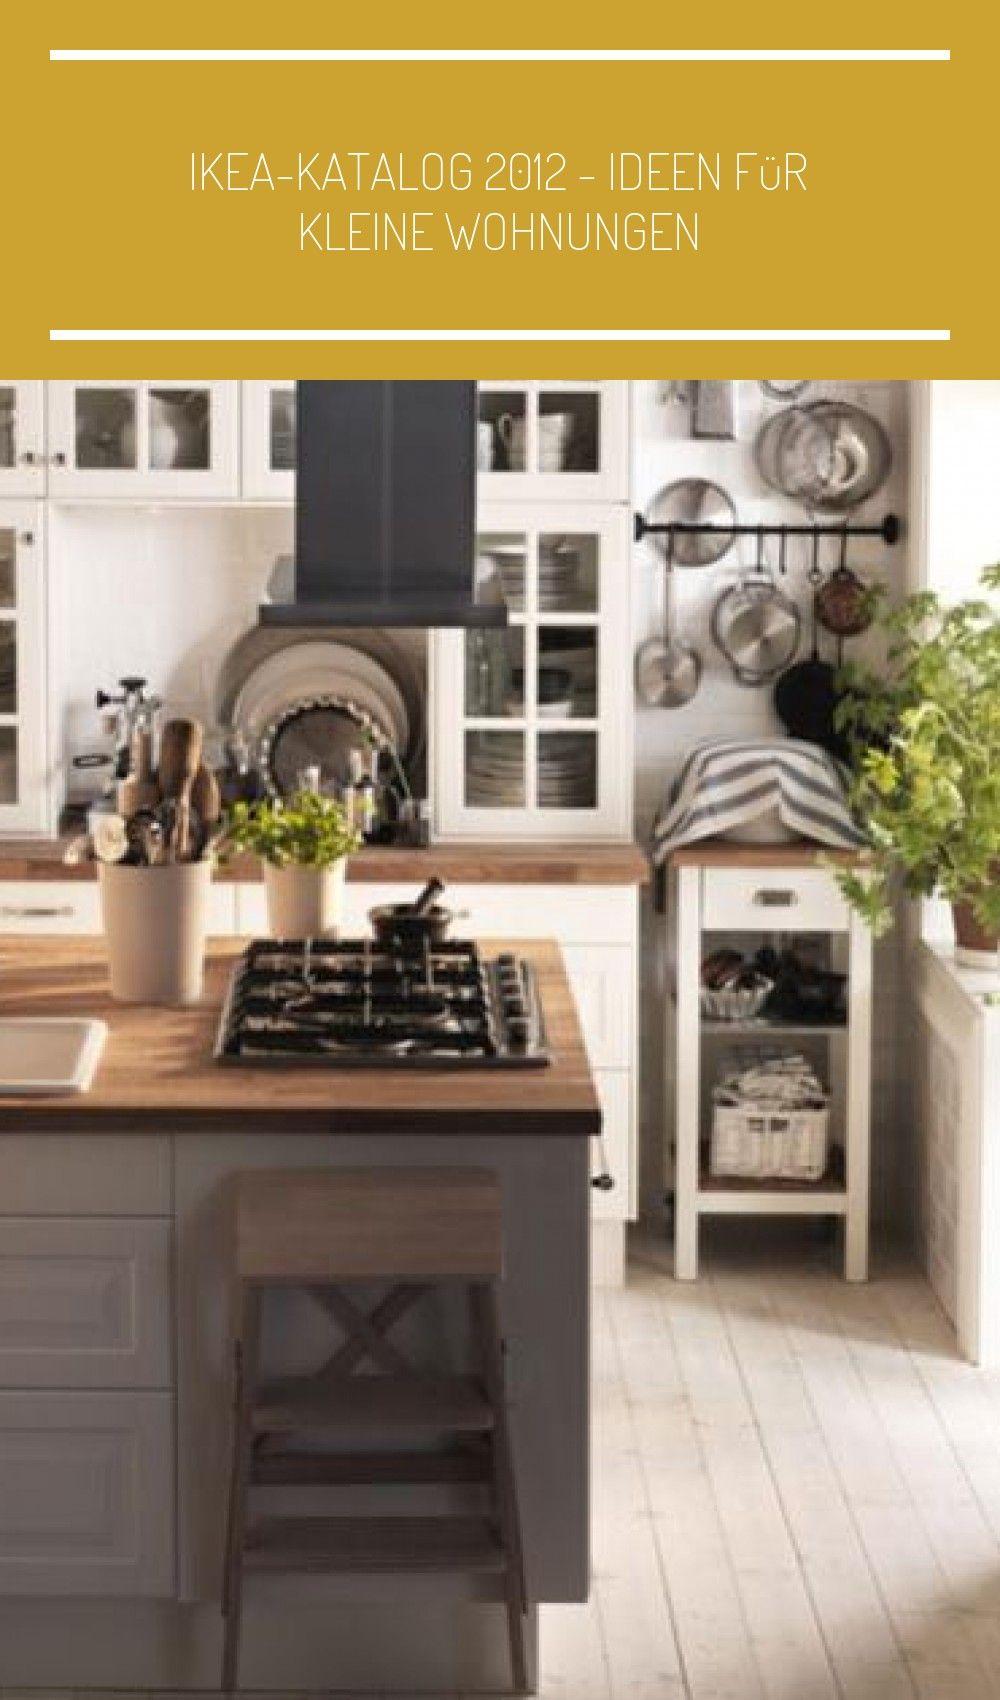 Küche Ikea Katalog